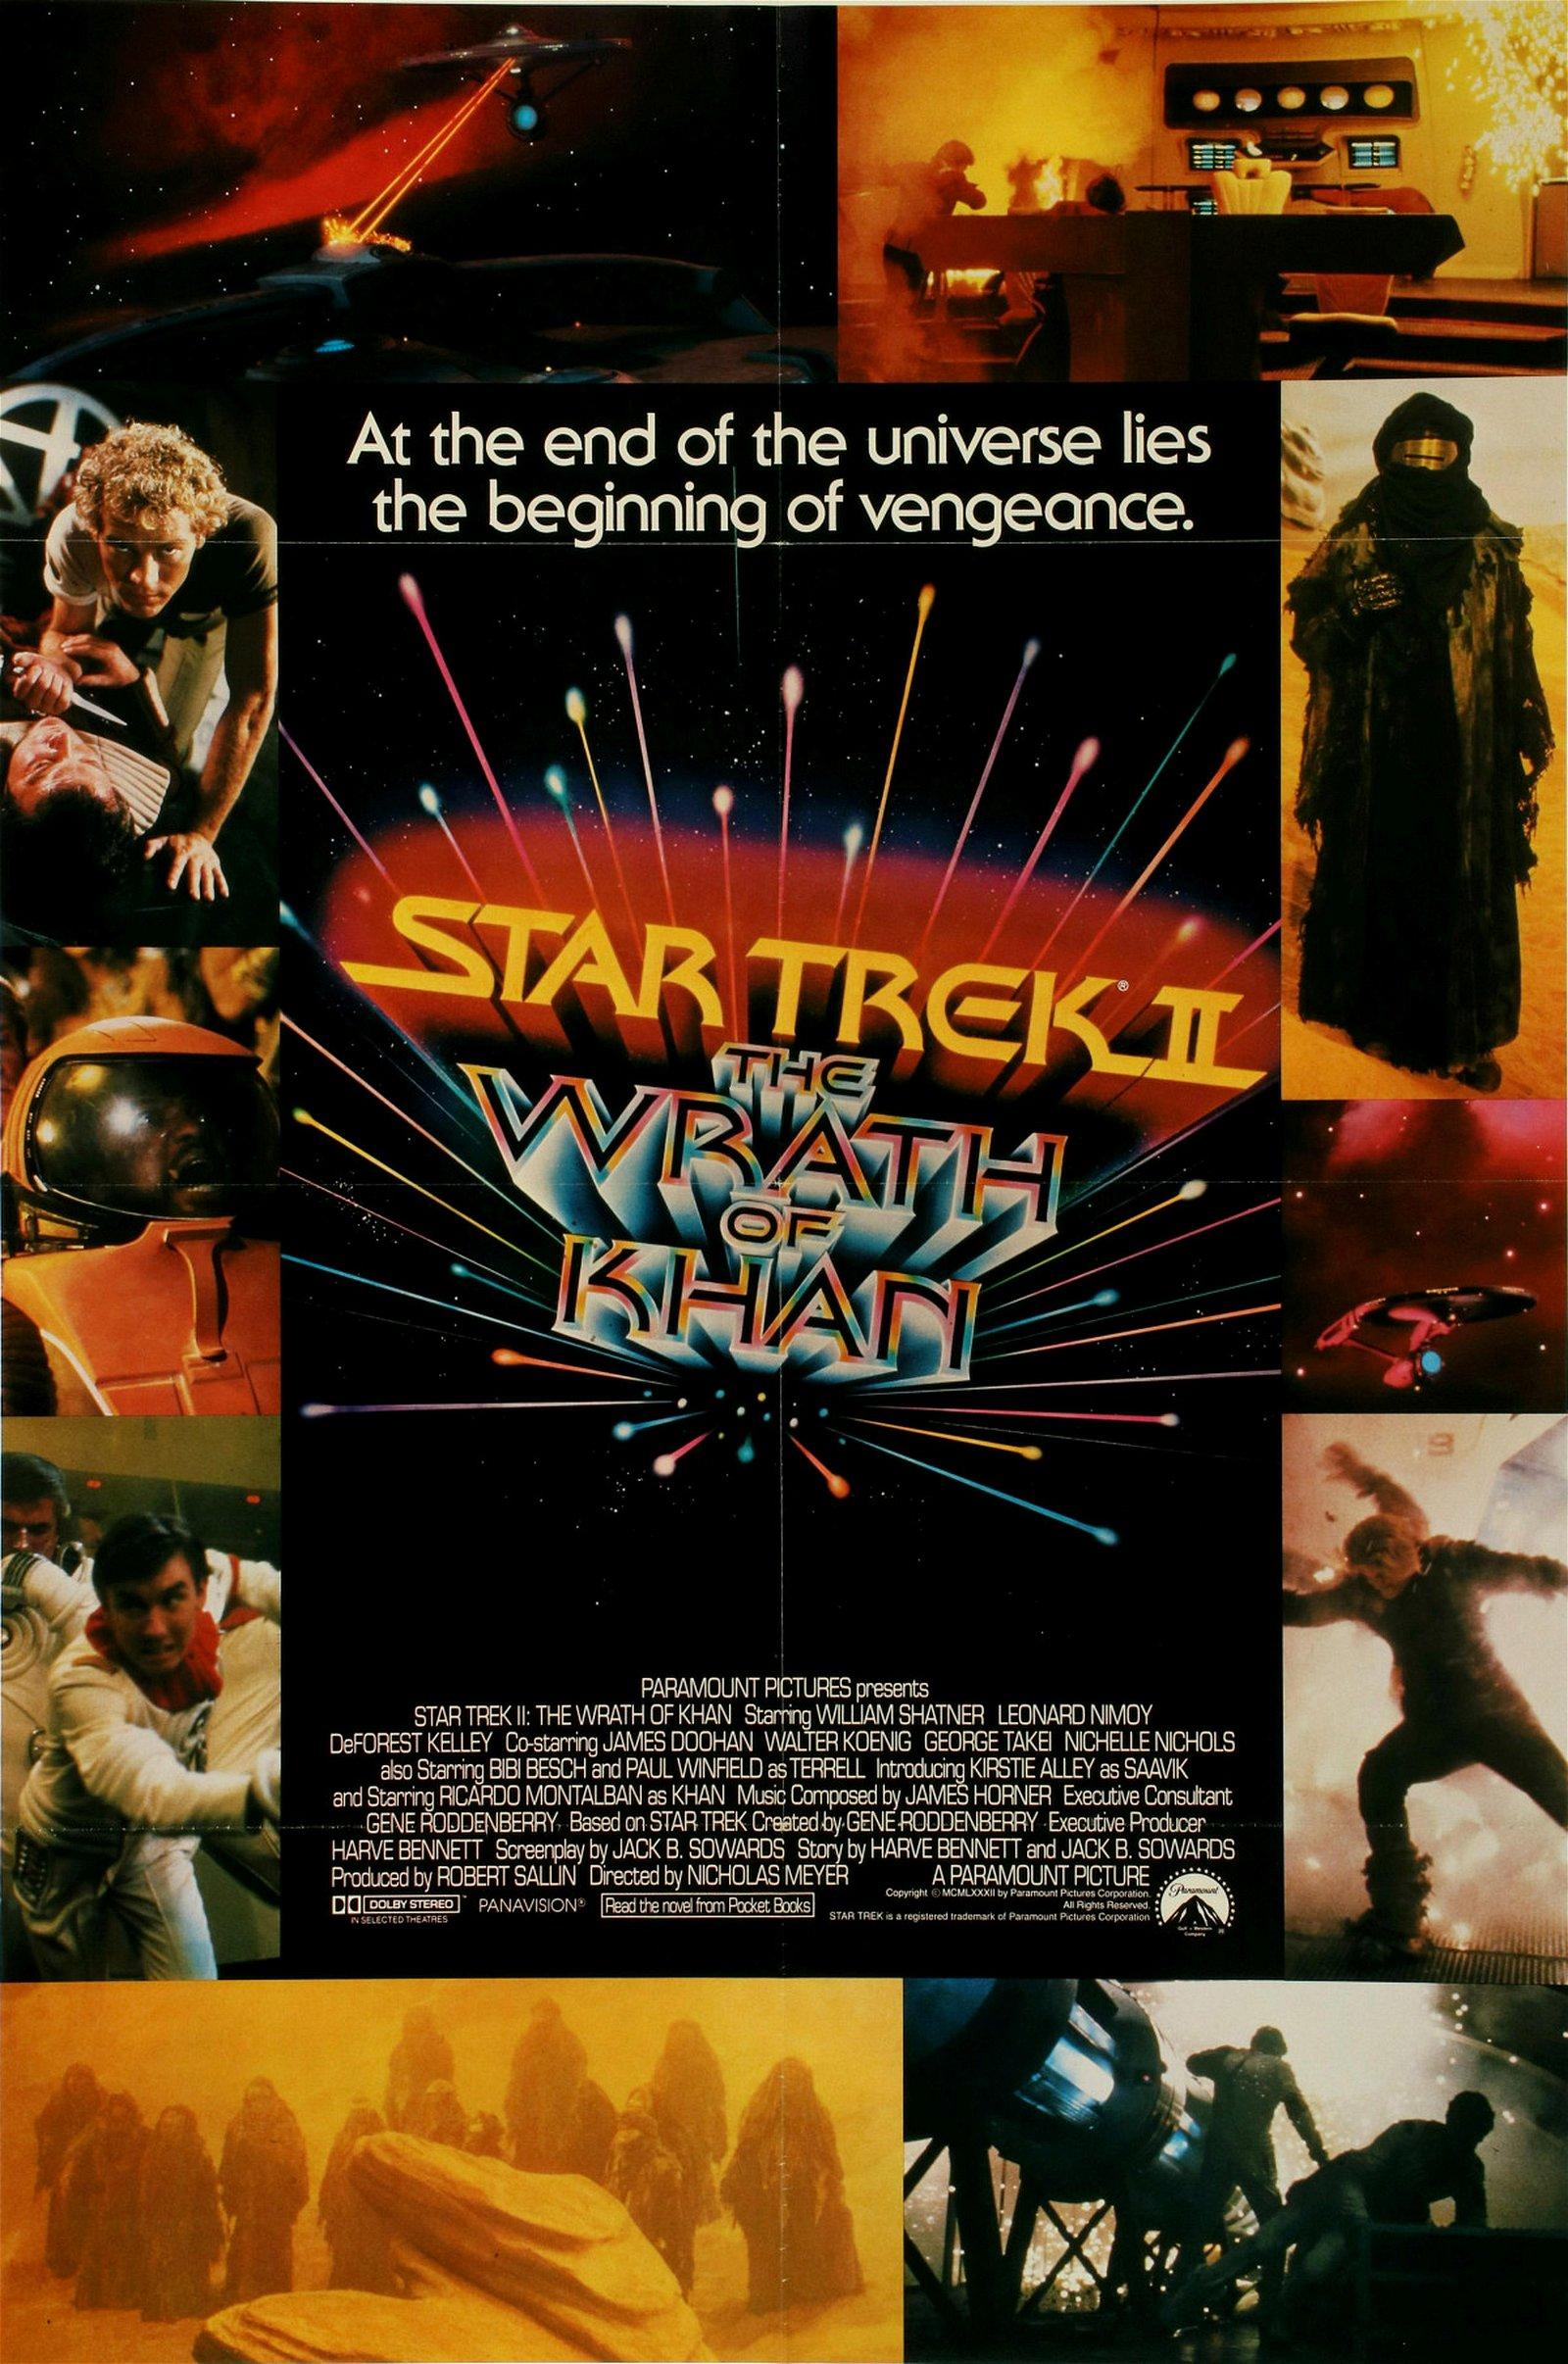 AN ORIGINAL 1982 'STAR TREK WRATH OF KHAN' MOVIE POSTER